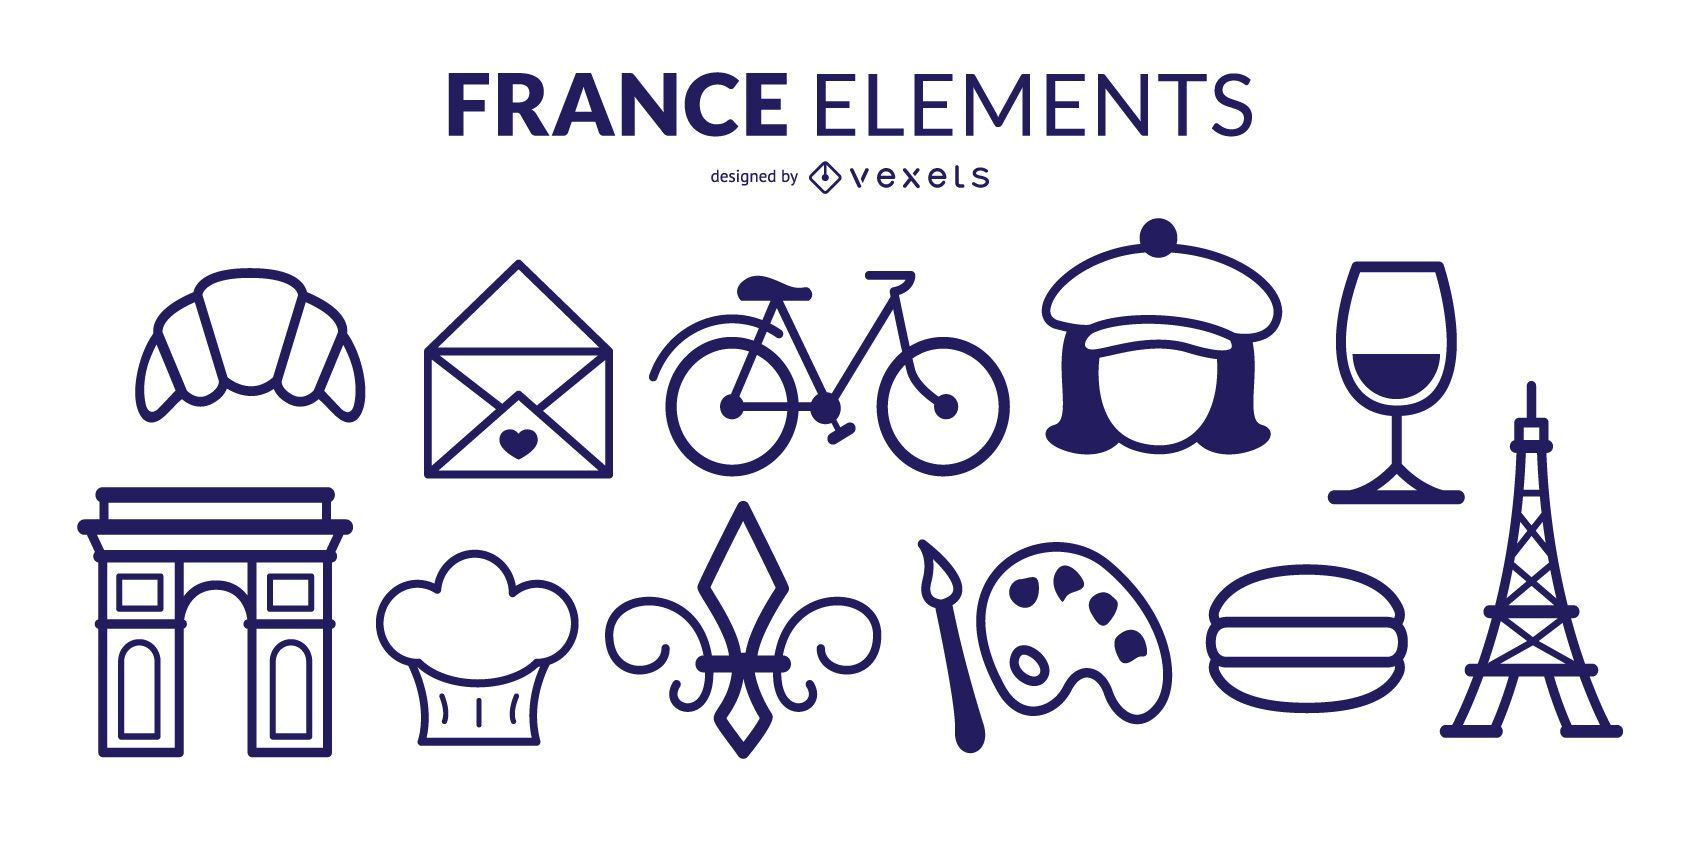 France Stroke Elements Pack